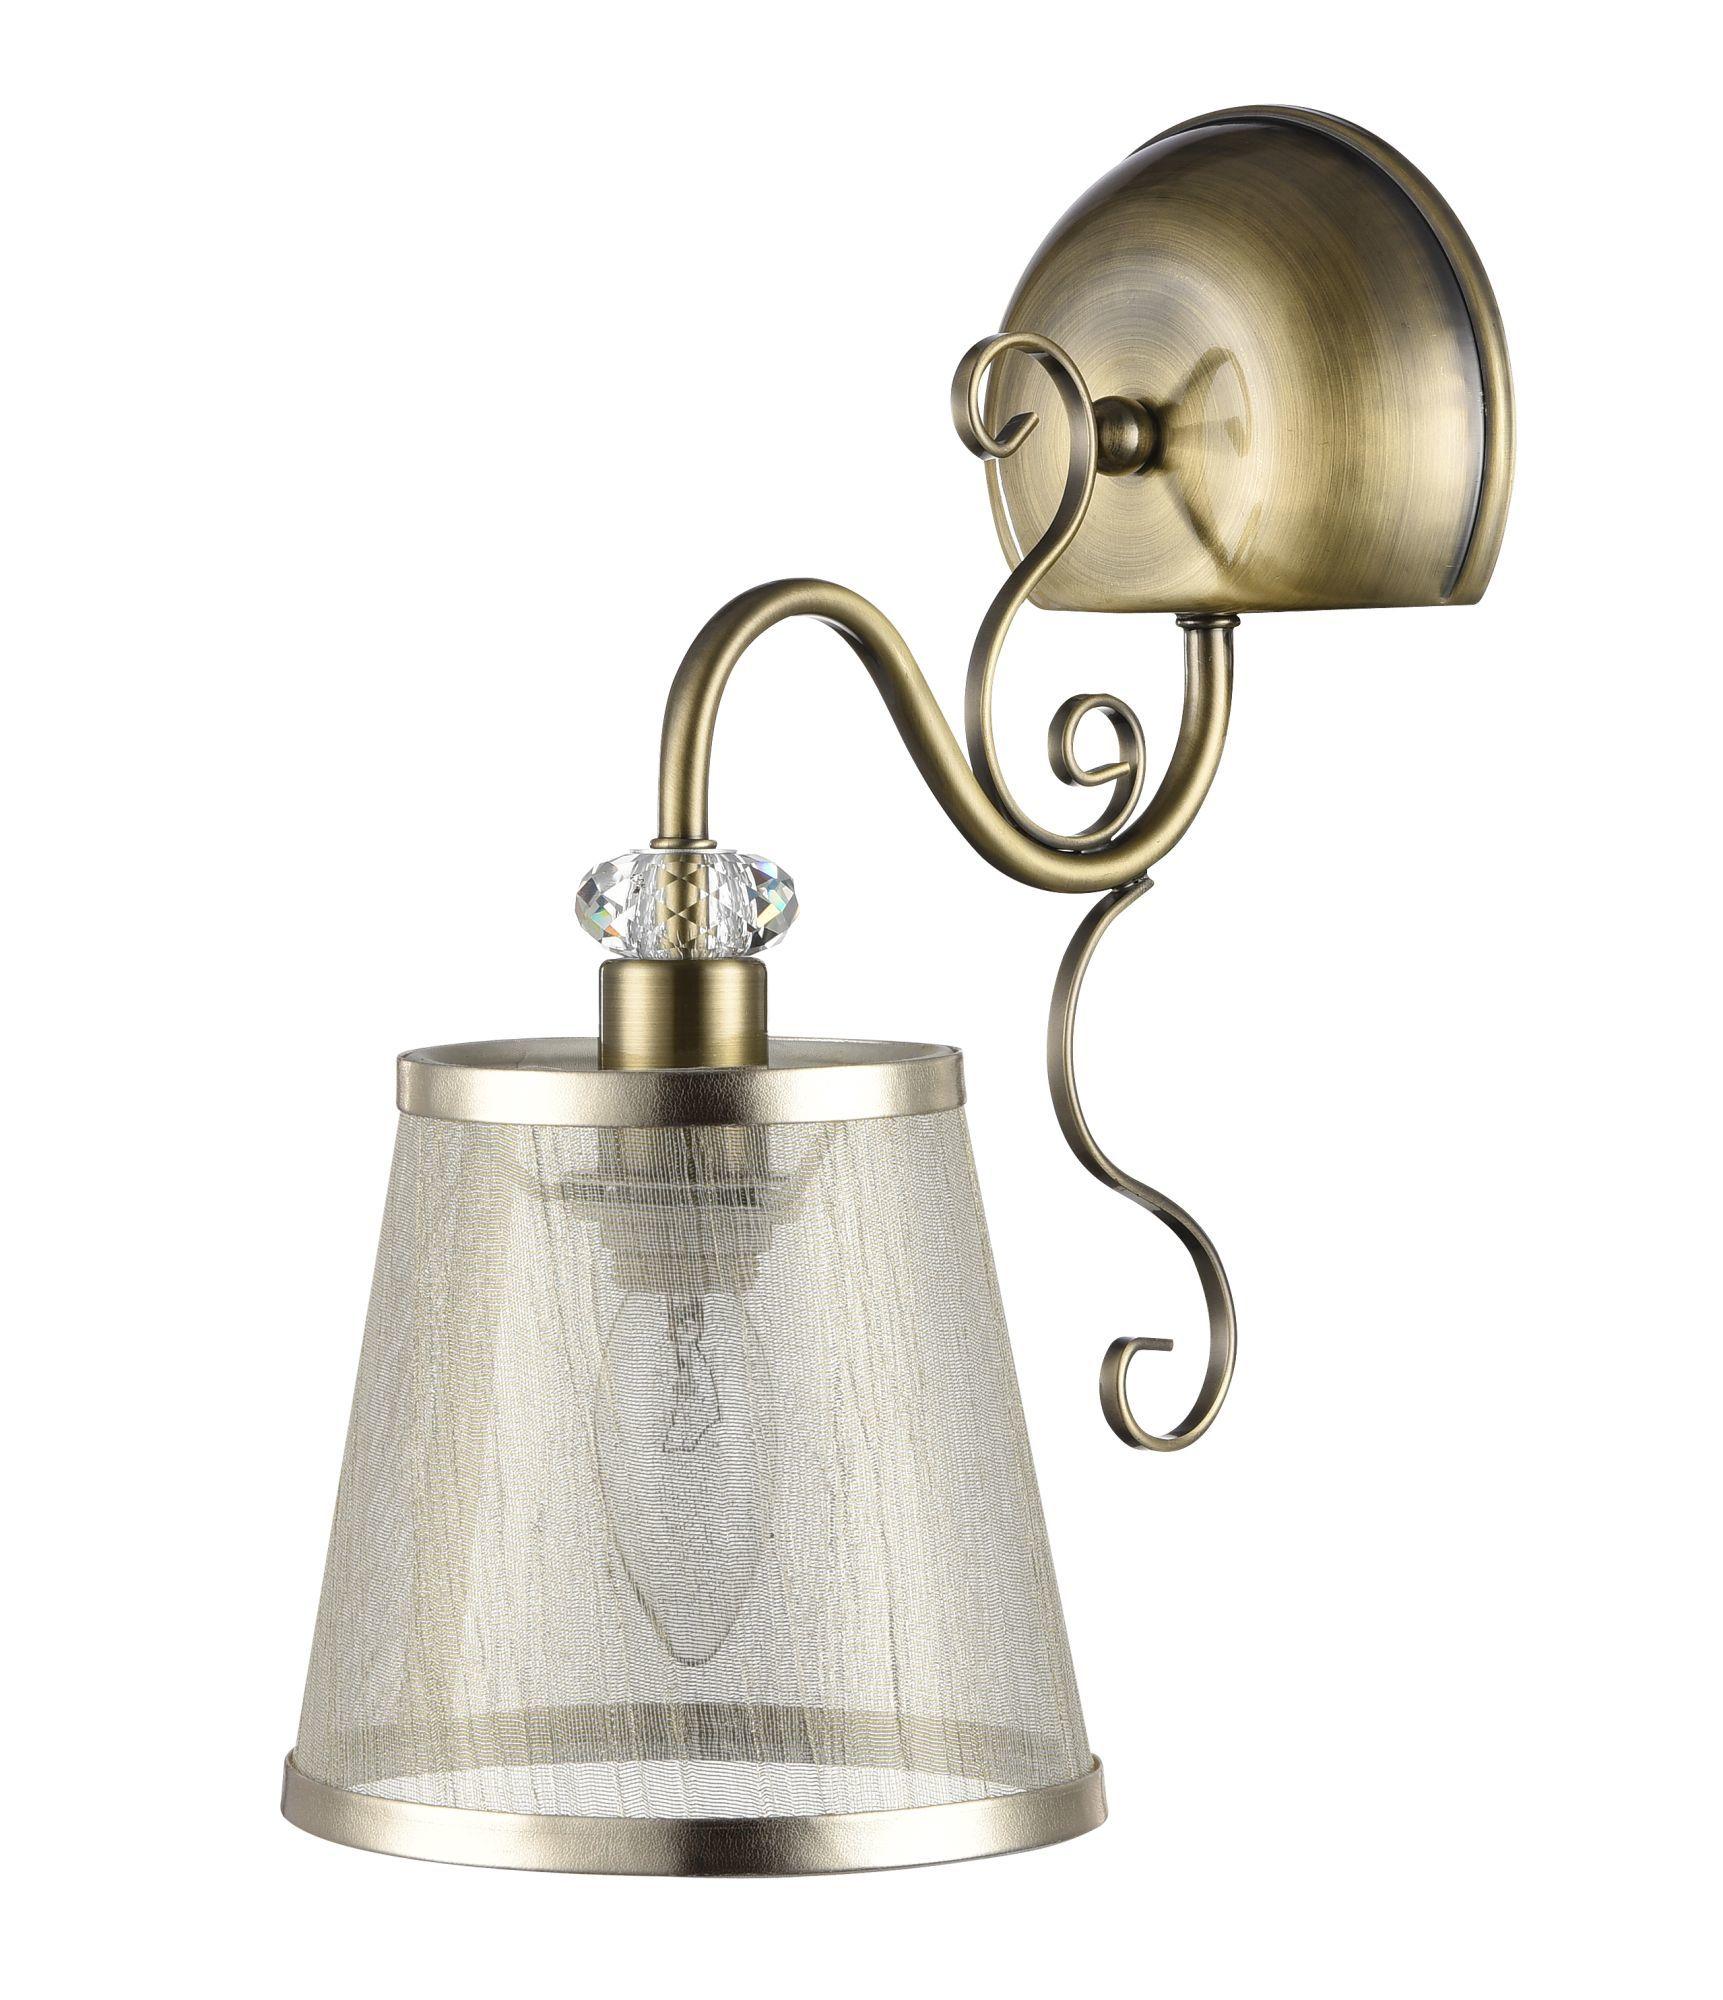 Бра Freya Driana FR2405-WL-01-BZ (FR405-01-R), 1xE14x40W, бронза с прозрачным, прозрачный с бронзой, металл с хрусталем, текстиль - фото 1